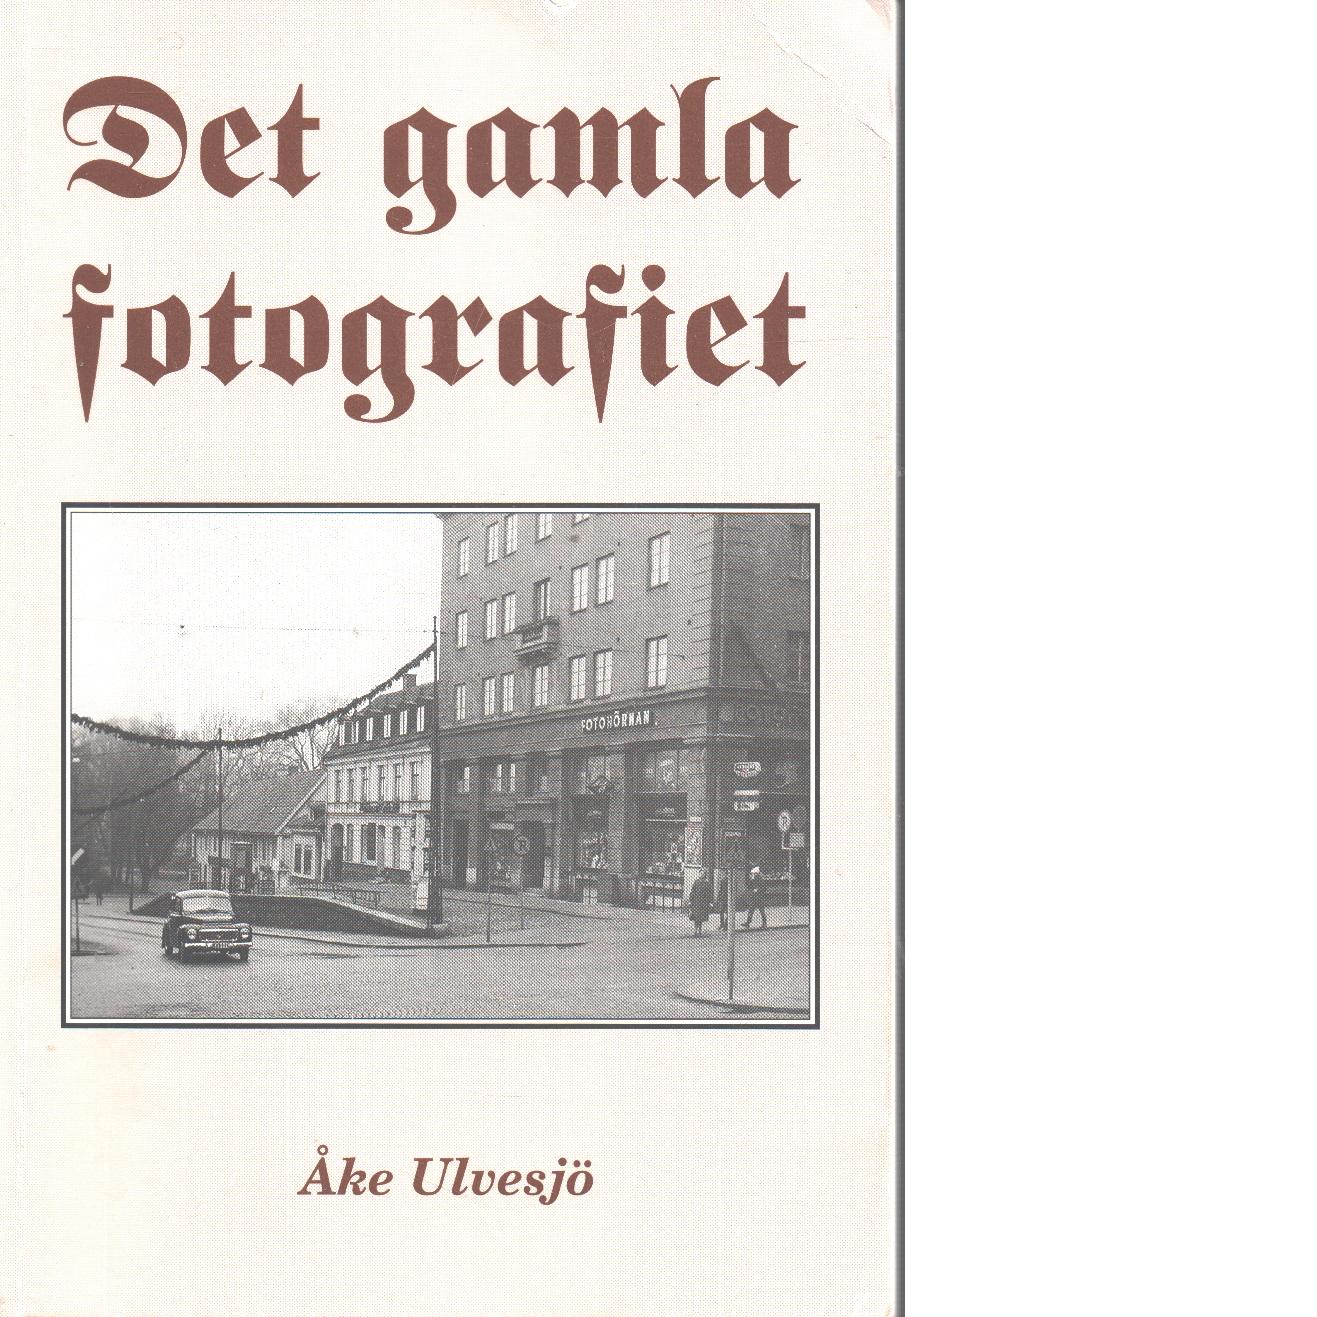 Det gamla fotografiet - Ulvesjö, Åke